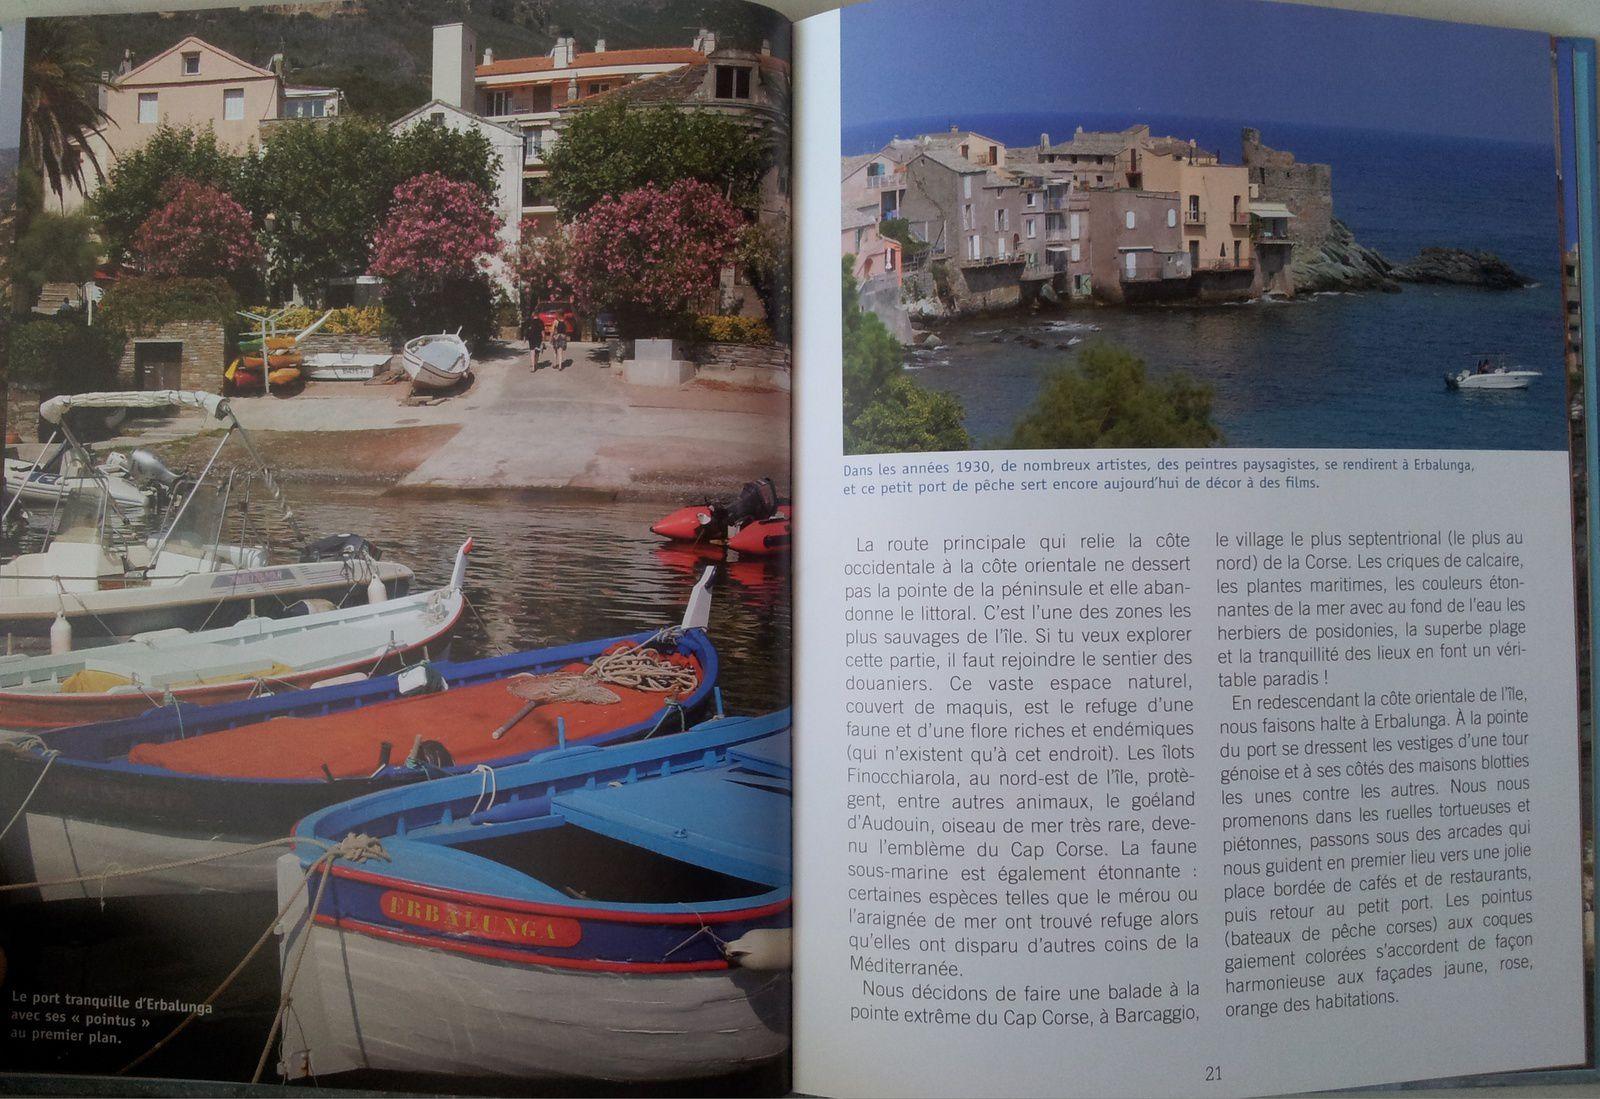 Erbalunga, au pied du Cap Corse. Sa tour génoise a, dit-on, inspiré plusieurs peintres et poètes.